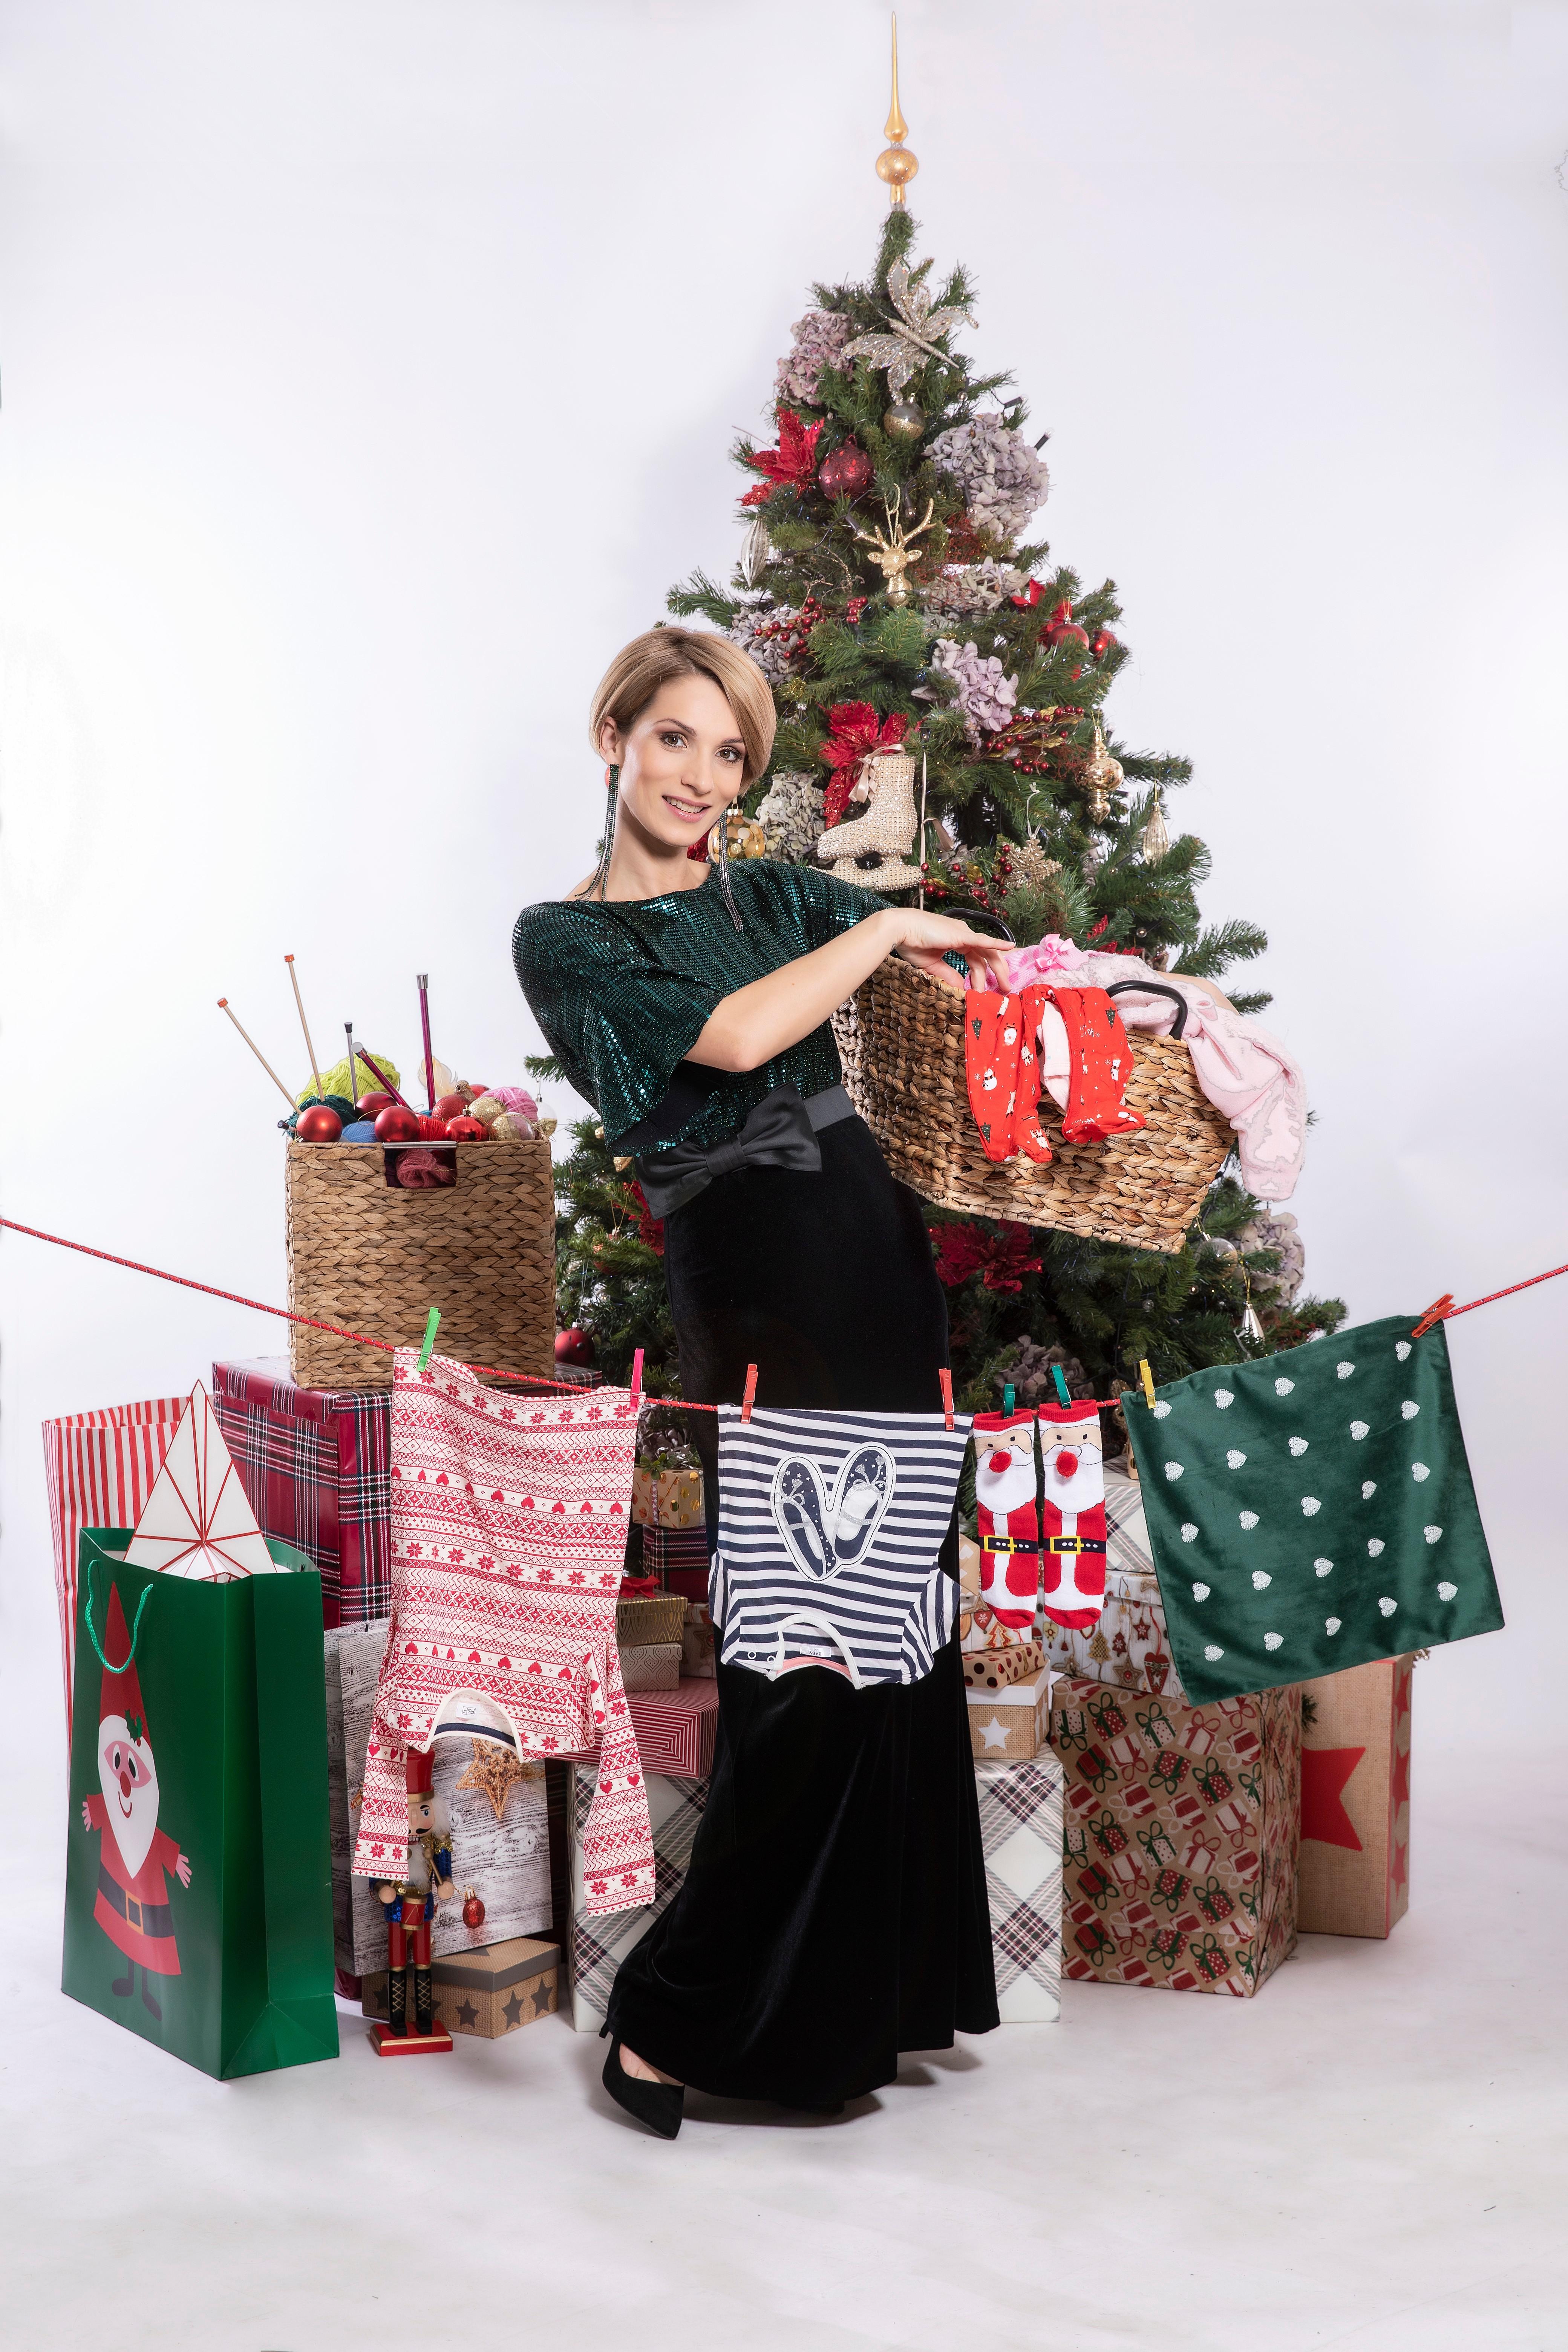 Som mama - Zuzana Kanócz a Vianoce